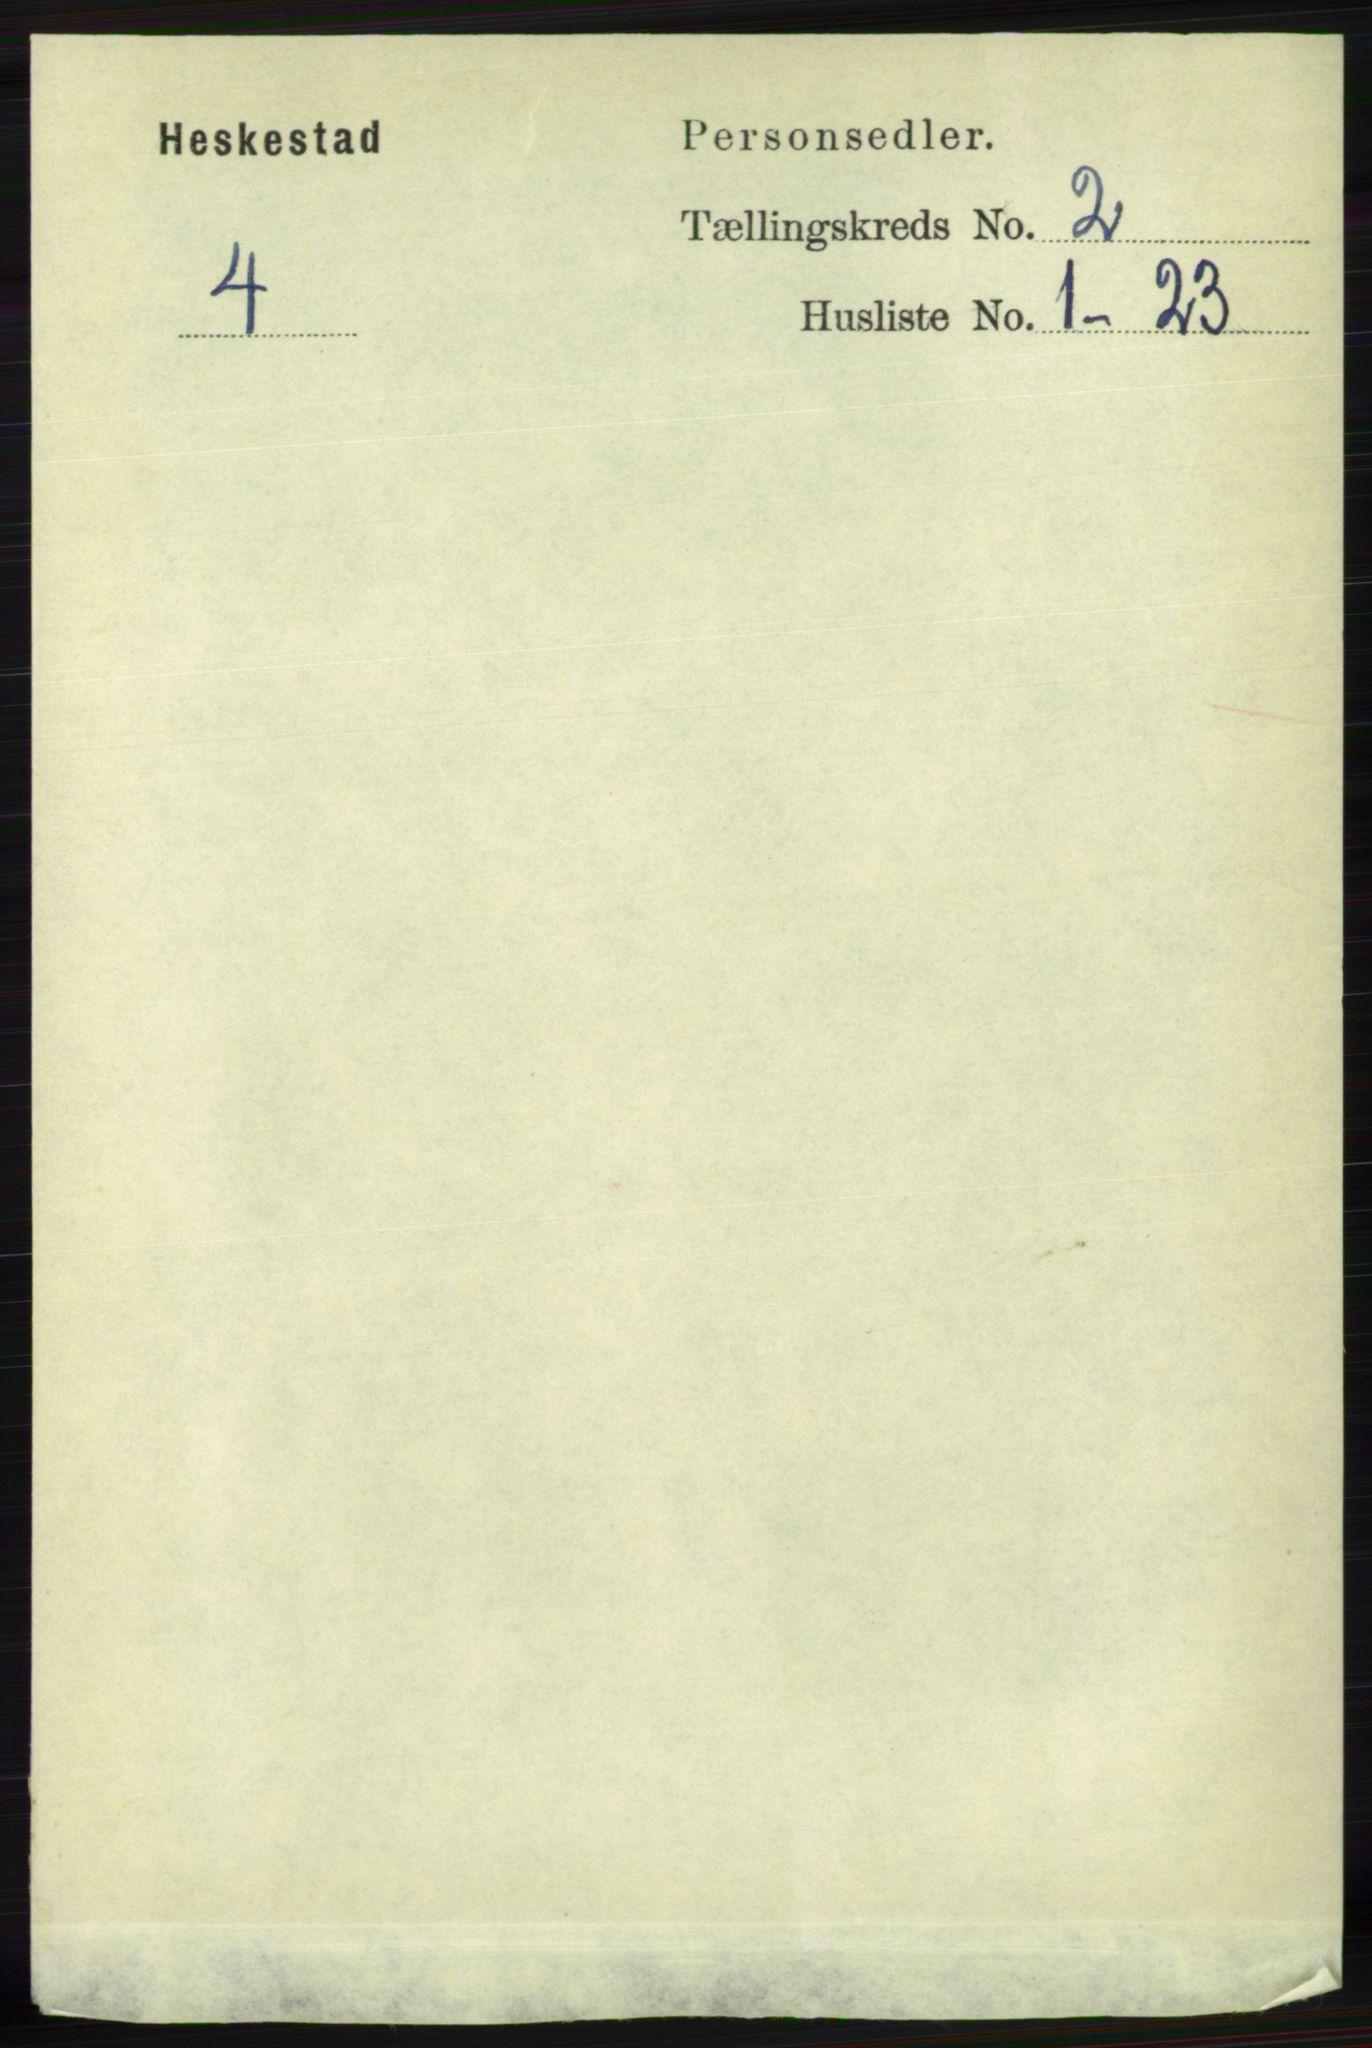 RA, Folketelling 1891 for 1113 Heskestad herred, 1891, s. 270